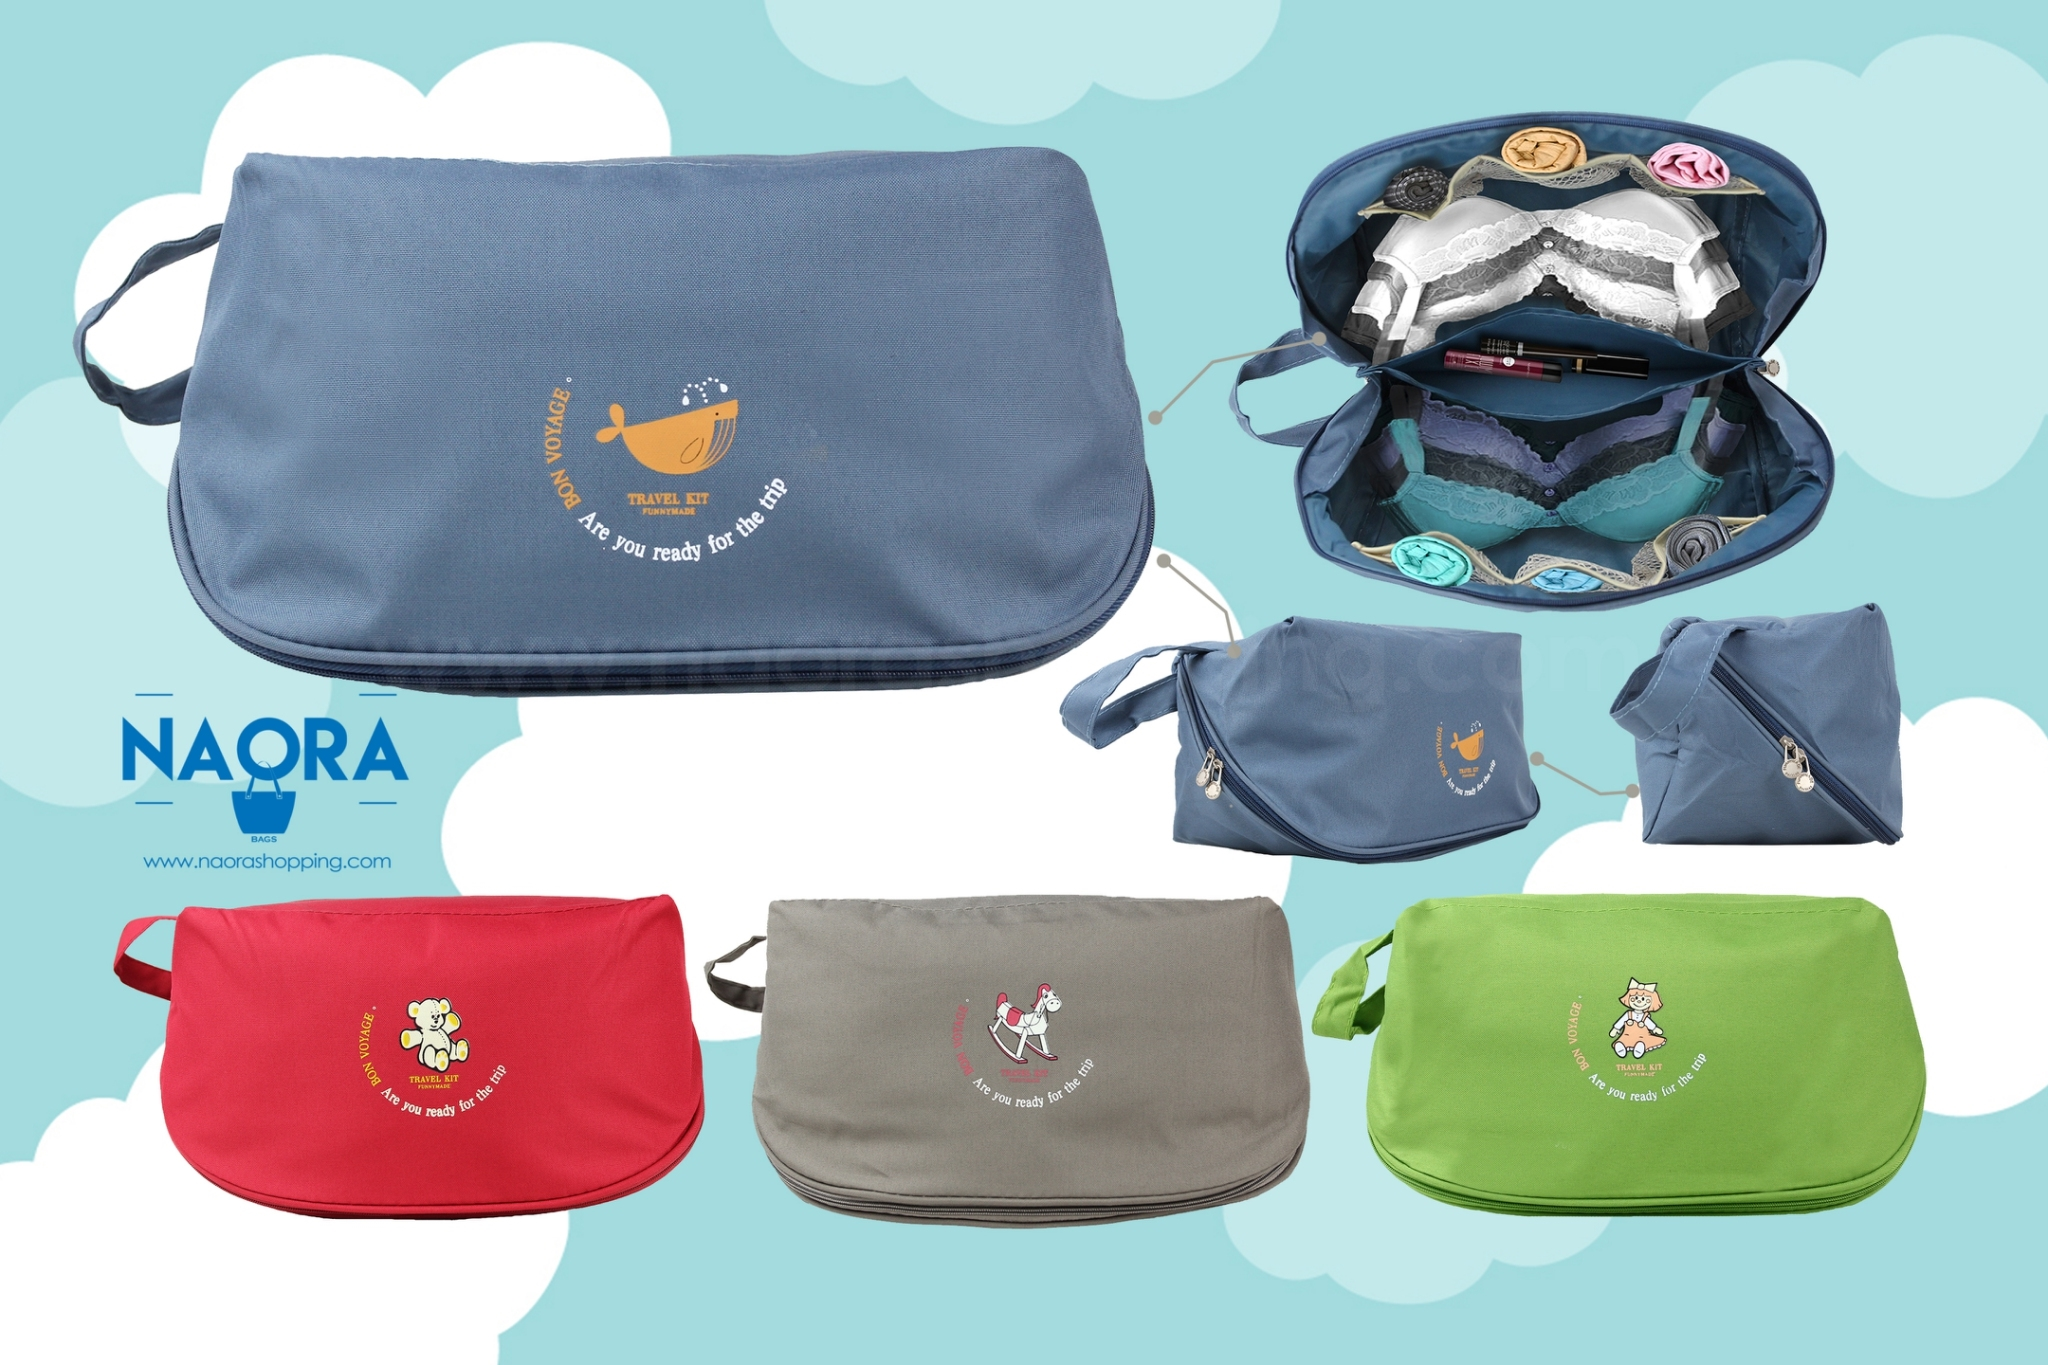 กระเป๋าจัดระเบียบชุดชั้นในมีหูหิ้ว